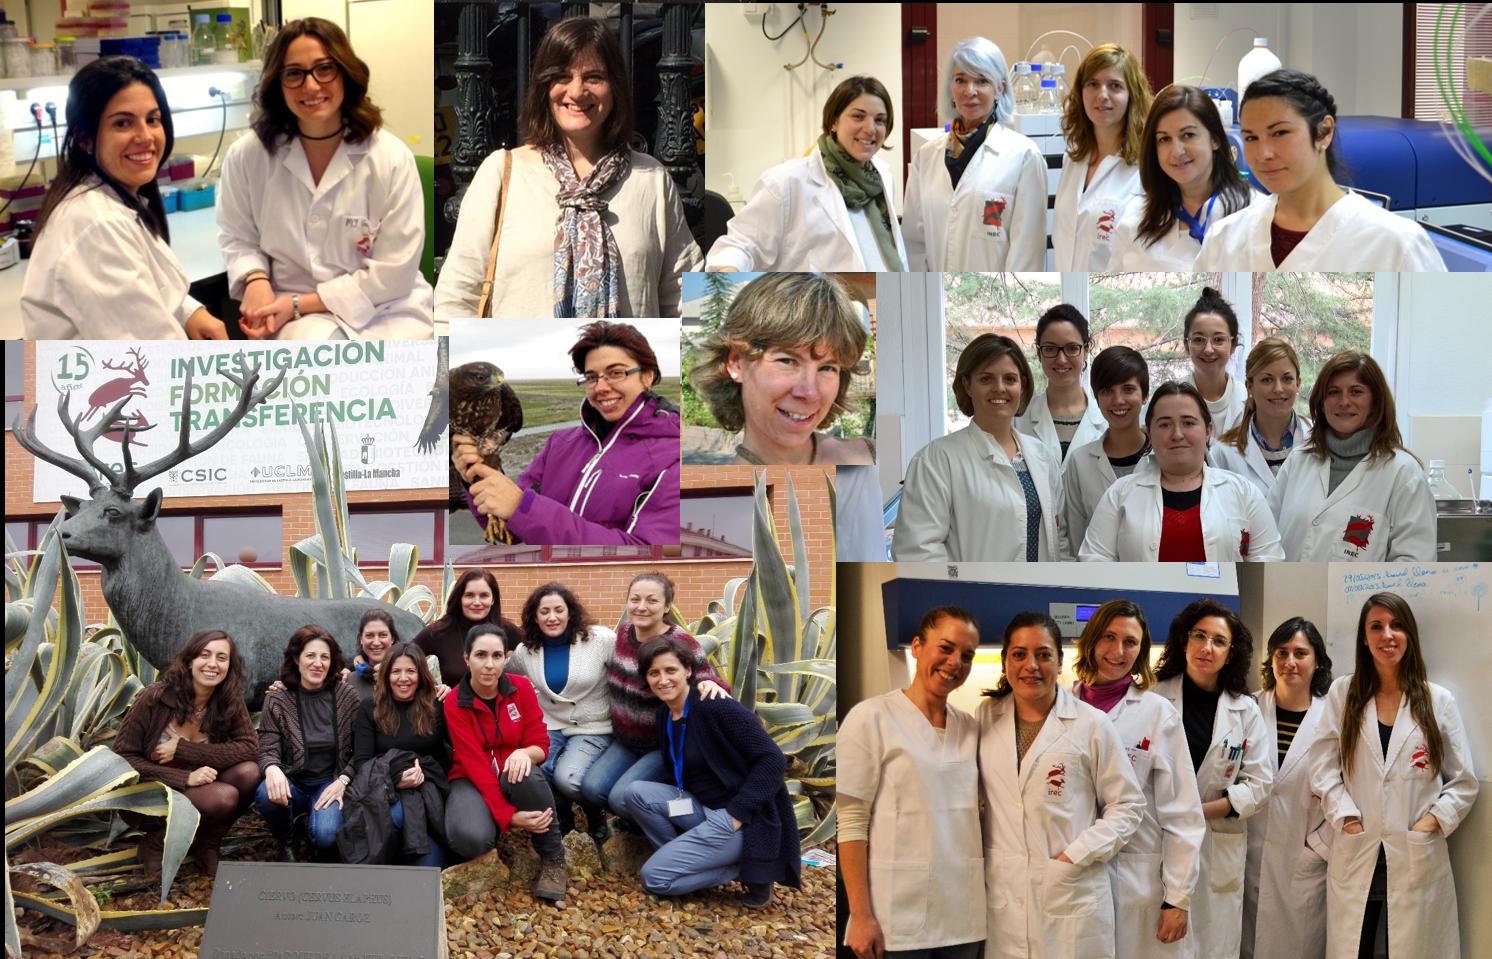 Día internacional de la mujer en la ciencia 2017